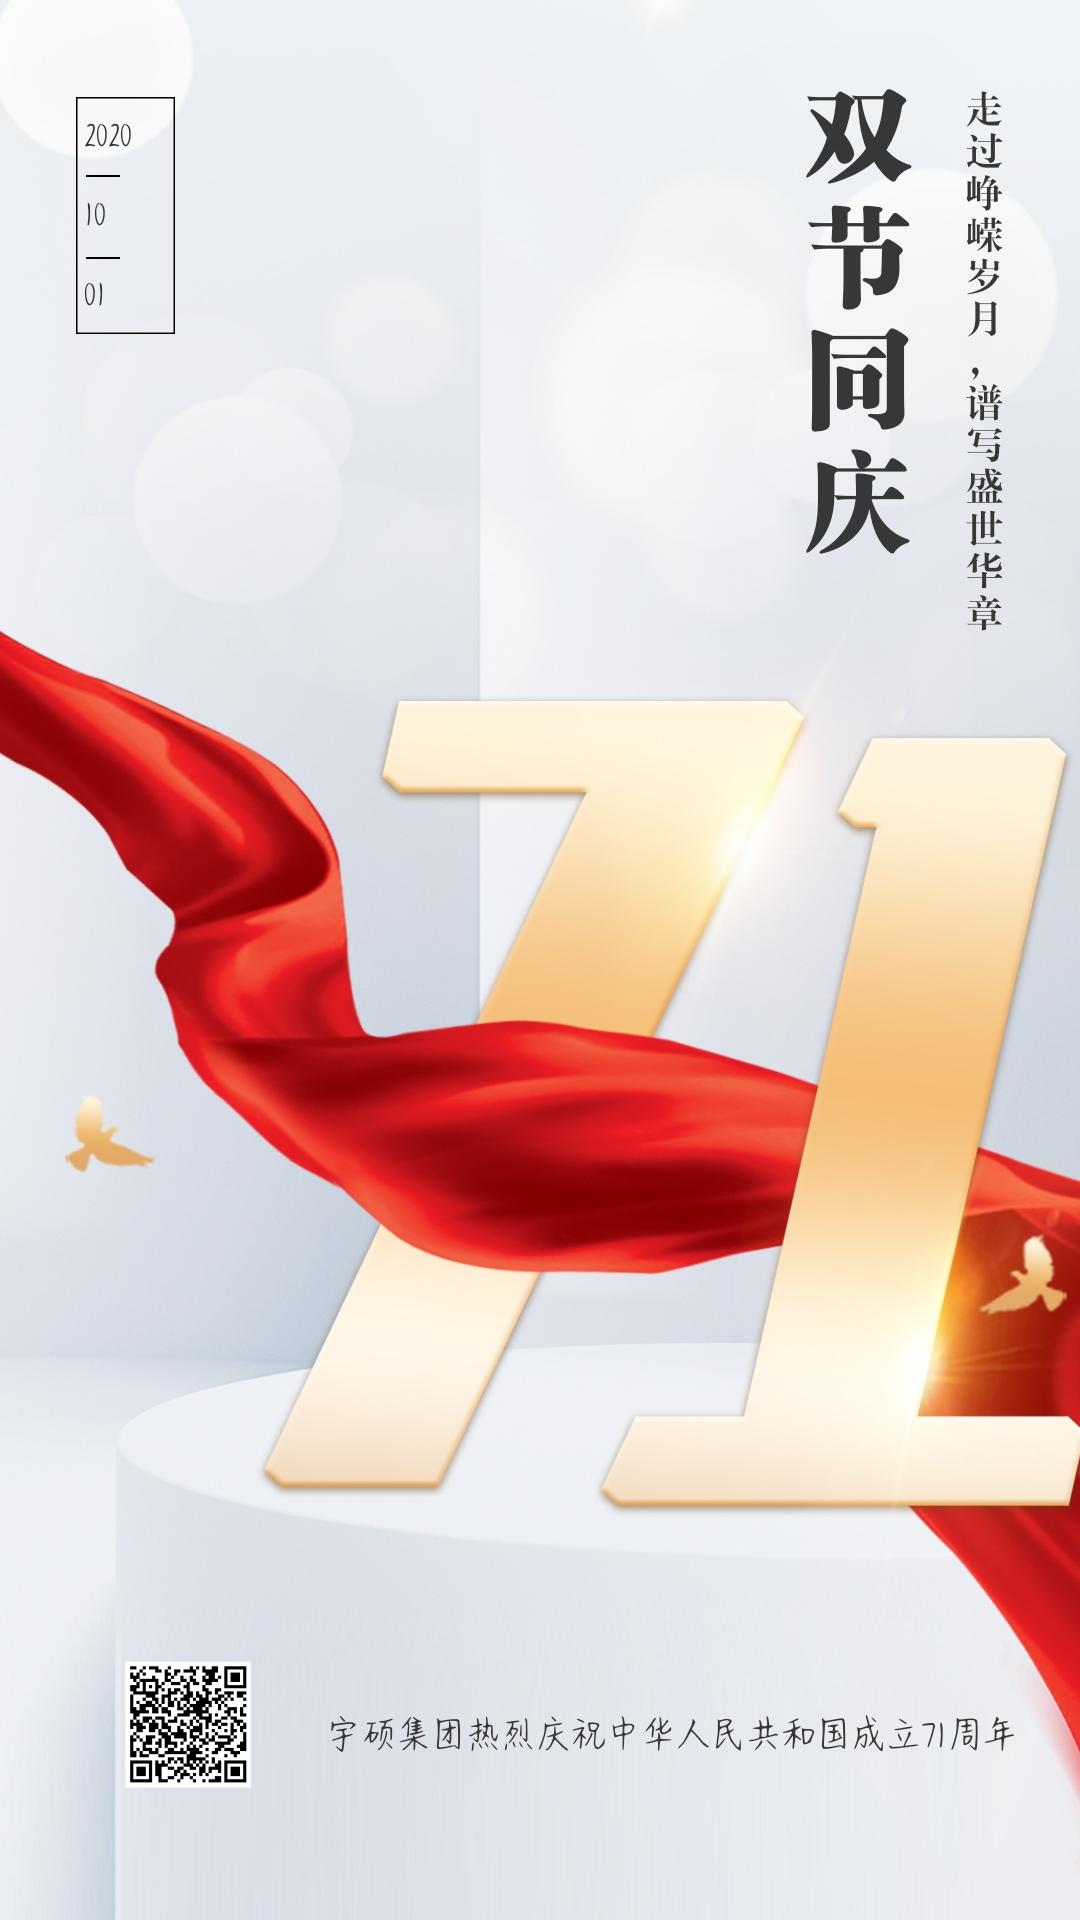 宇硕集团祝祖国母亲生日快乐